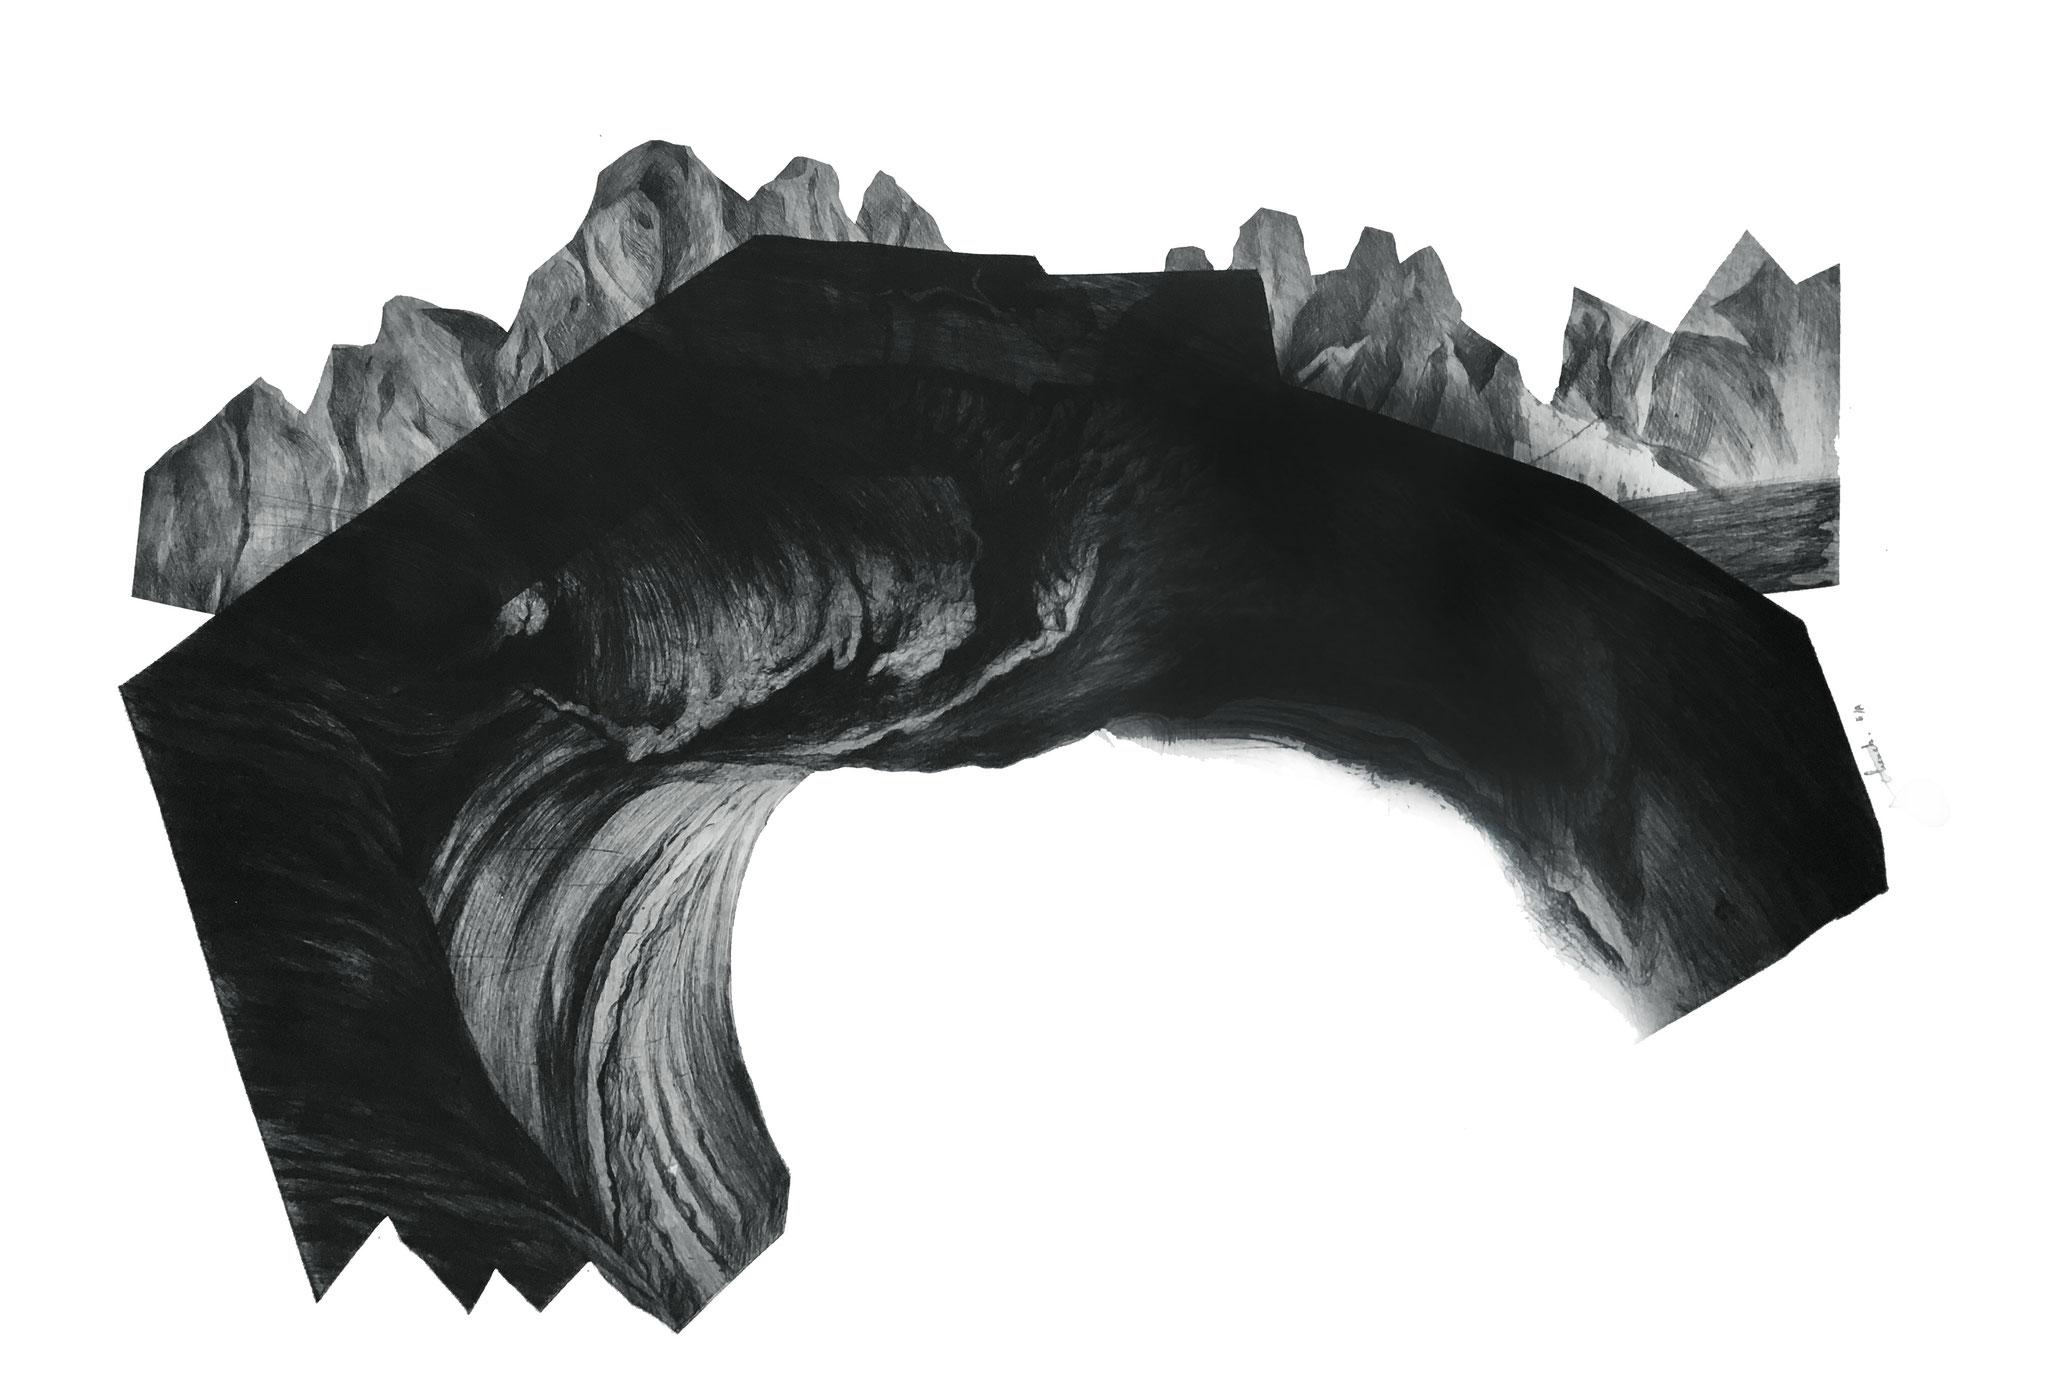 Série Les Enigmes, 3 I pointe sèche sur papier Fabriano I Epreuve d'artiste I 56 x 76 cm I 2017